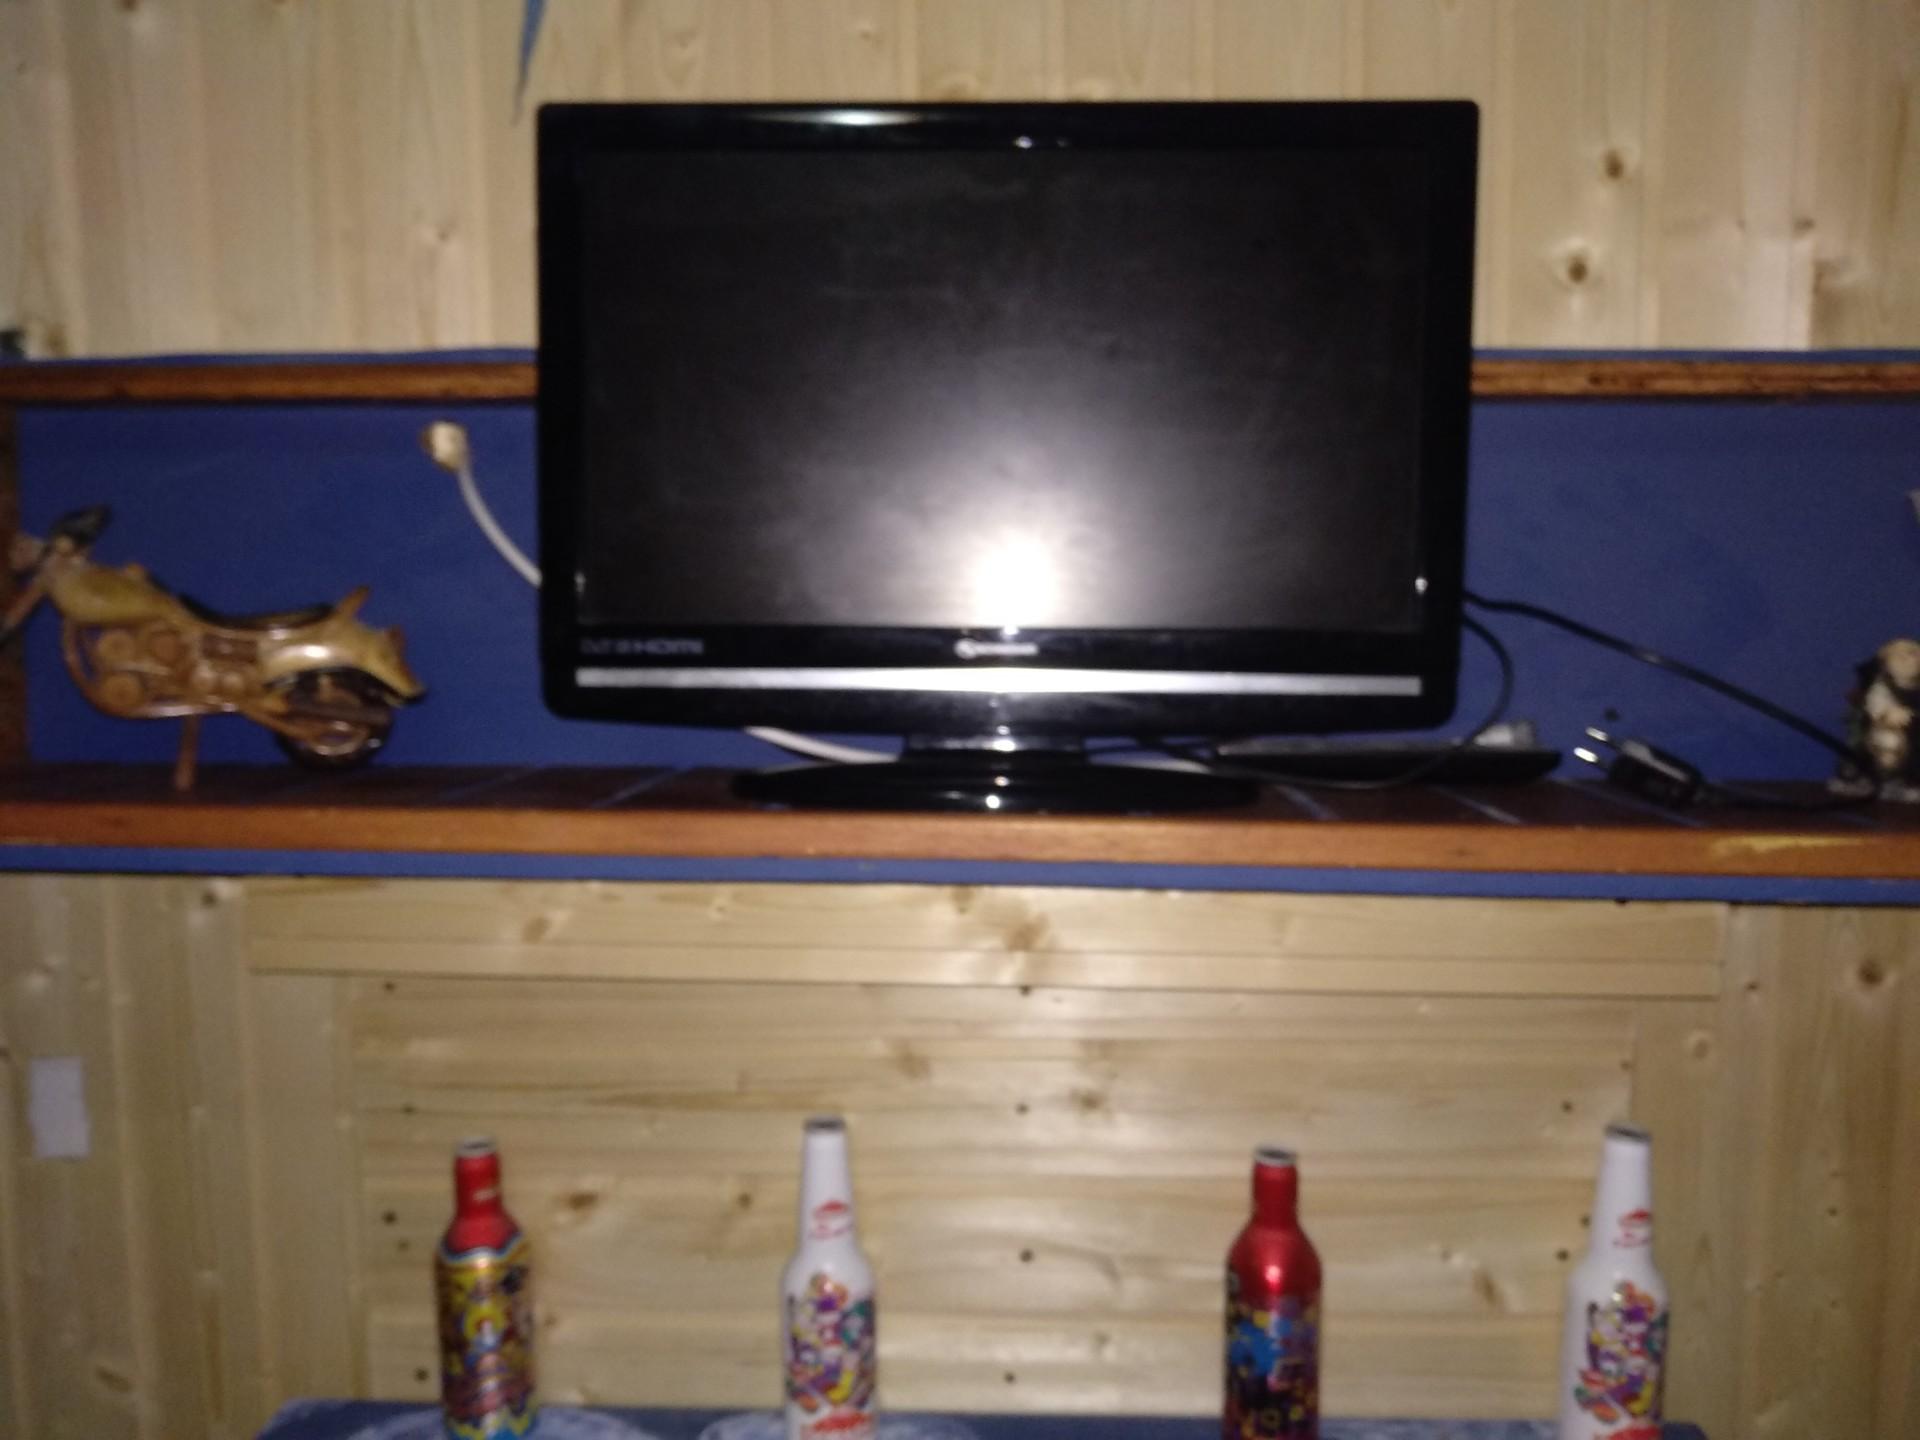 estudio/habitación en planta baja mas internet